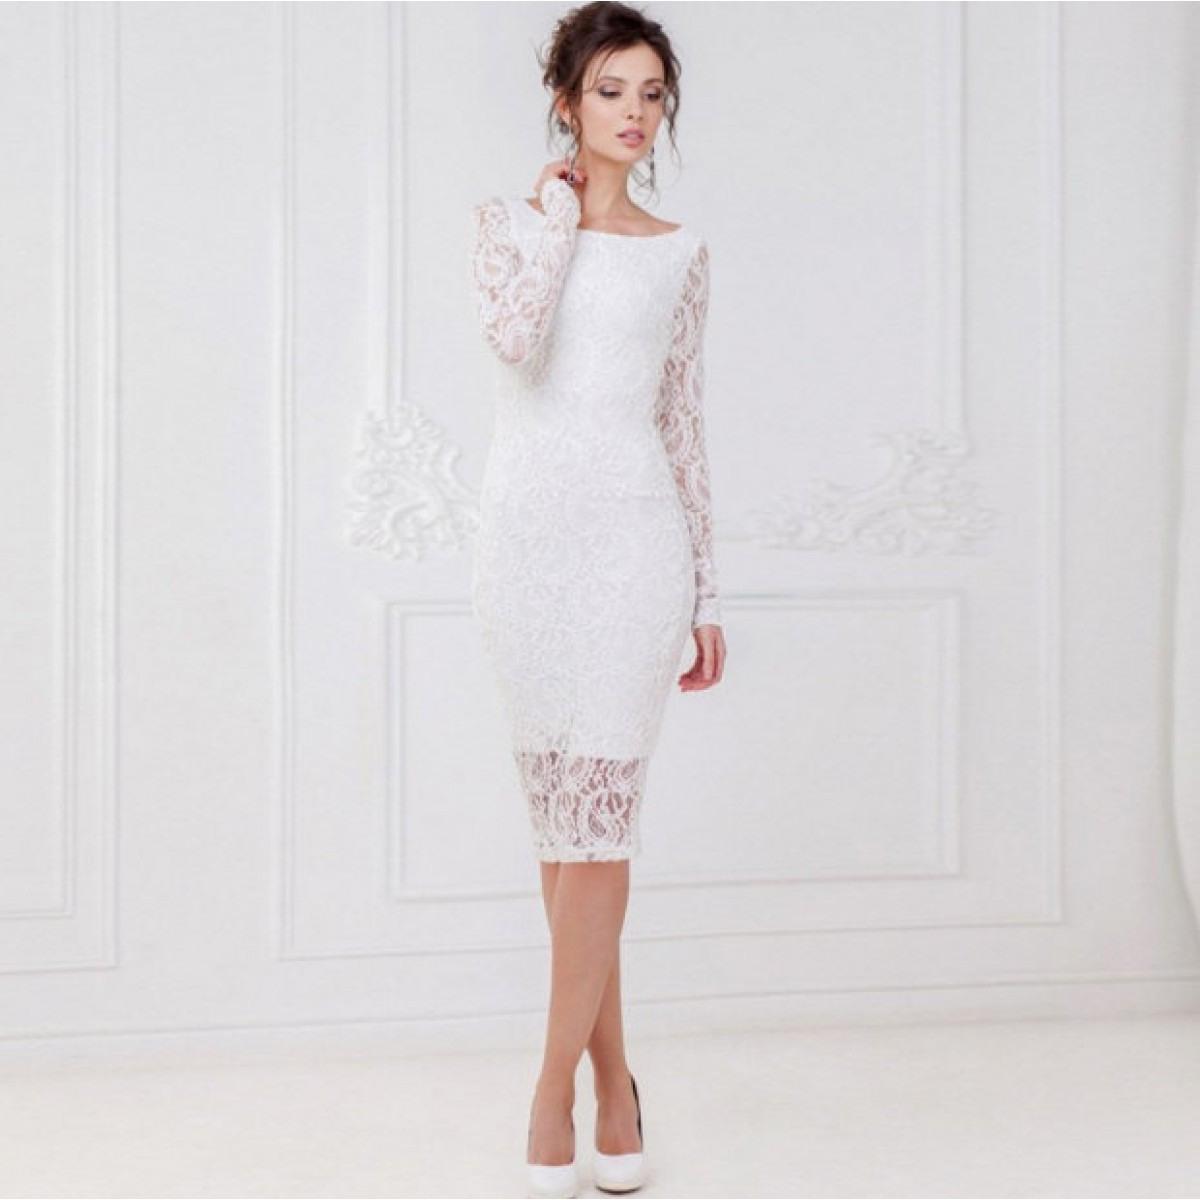 Formal Spektakulär Midi Kleider Hochzeitsgast Galerie17 Wunderbar Midi Kleider Hochzeitsgast für 2019